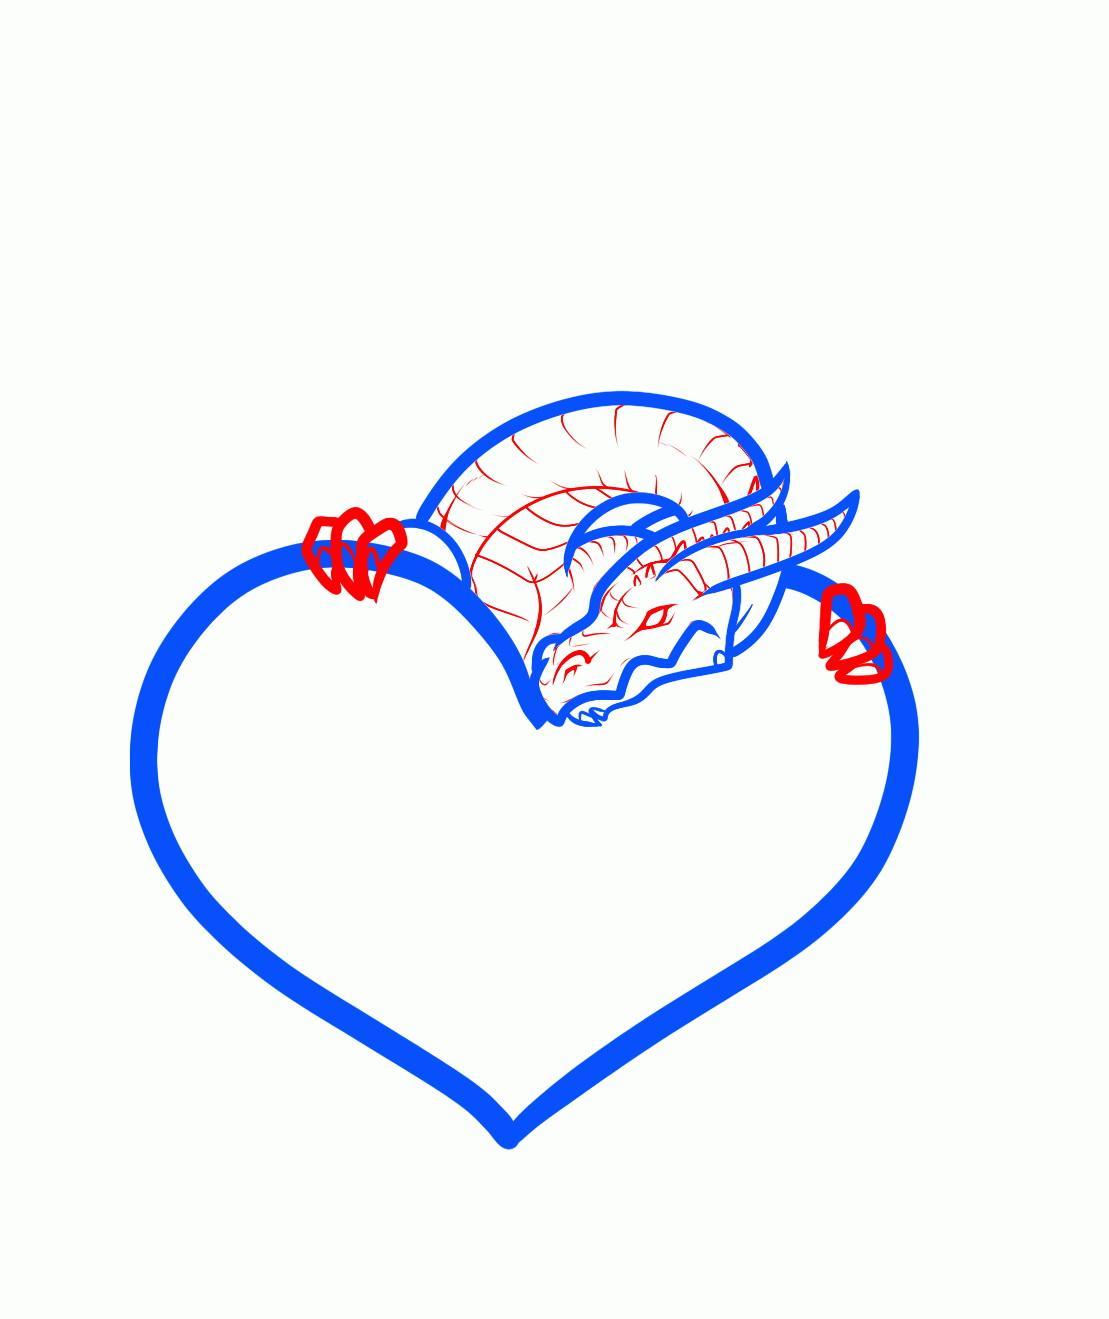 комментариям картинки как нарисовать красивое сердечко терьер лучшие